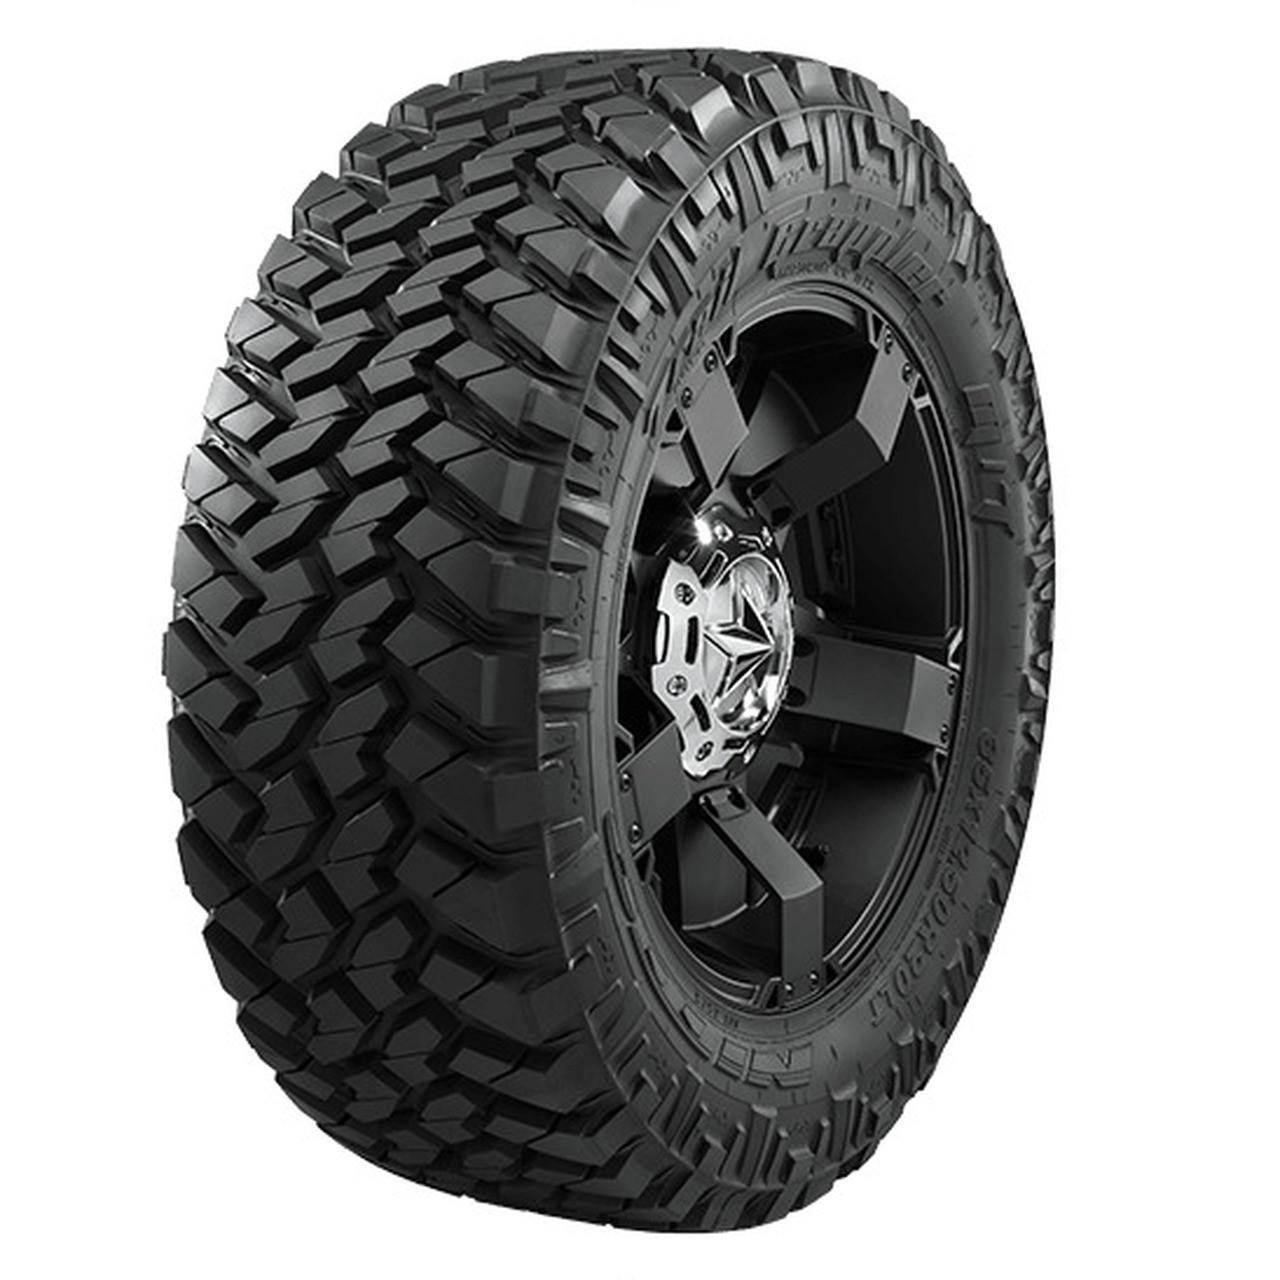 Nitto Trail Grappler LT285/70R17 Load E Tire 205-930